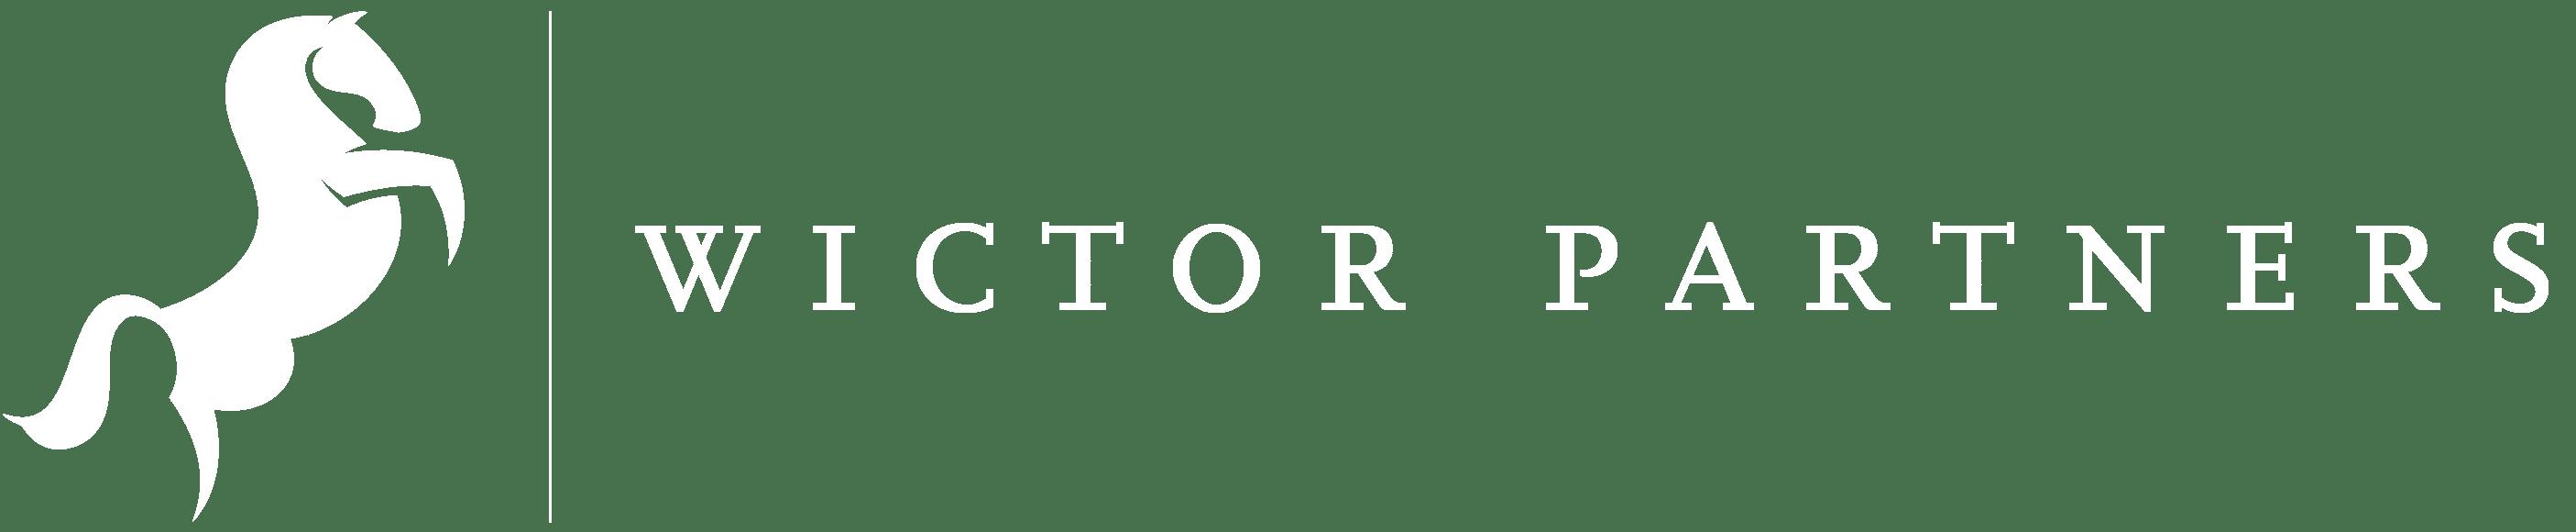 Wictor Partners